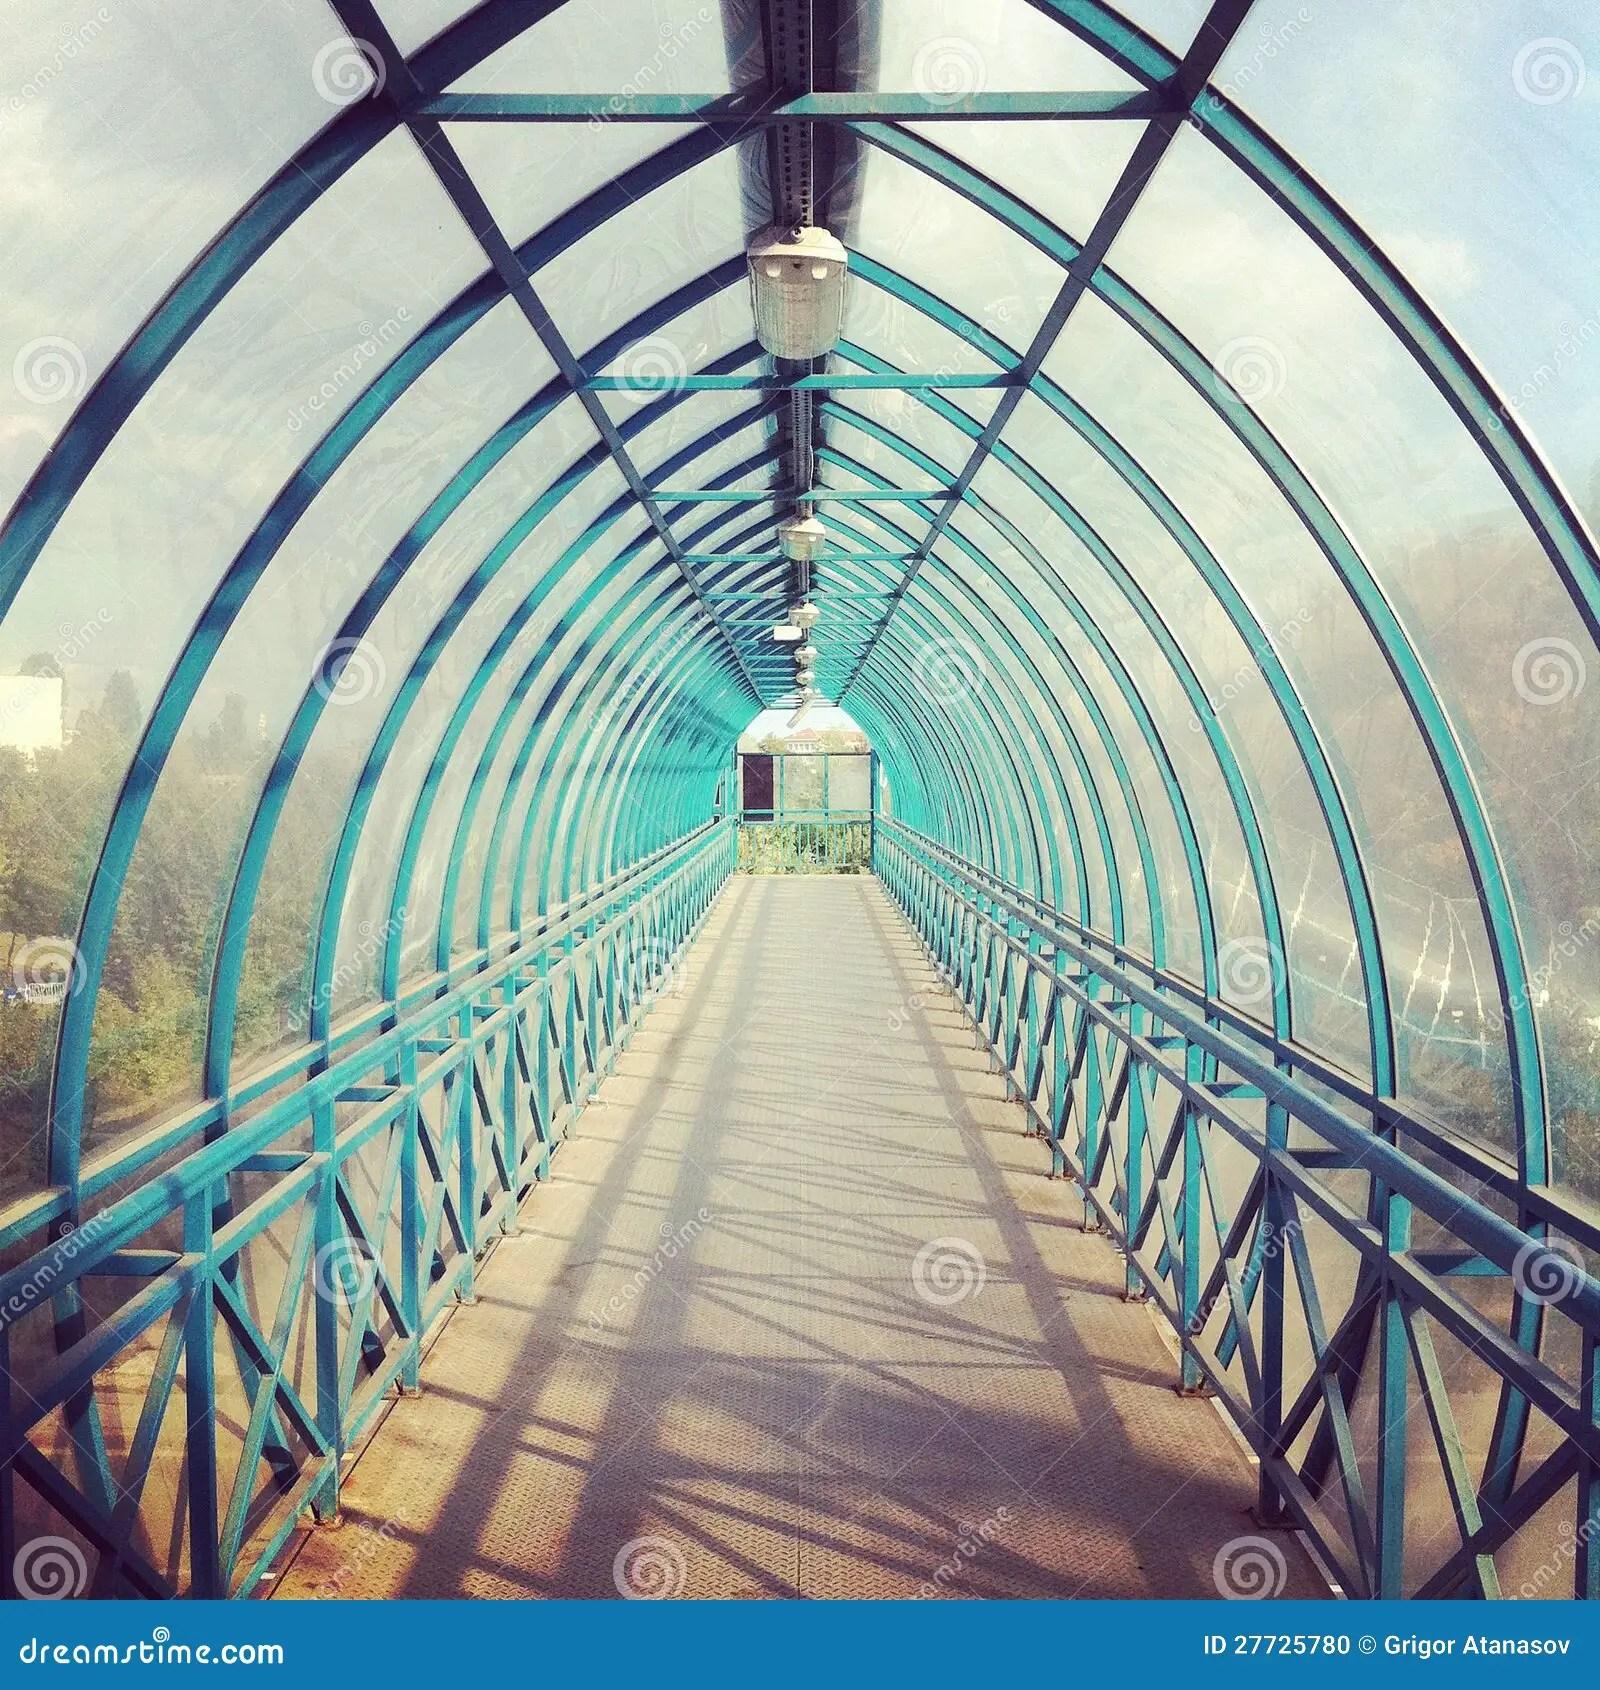 Walkway Tunnel Stock Photo  Image 27725780